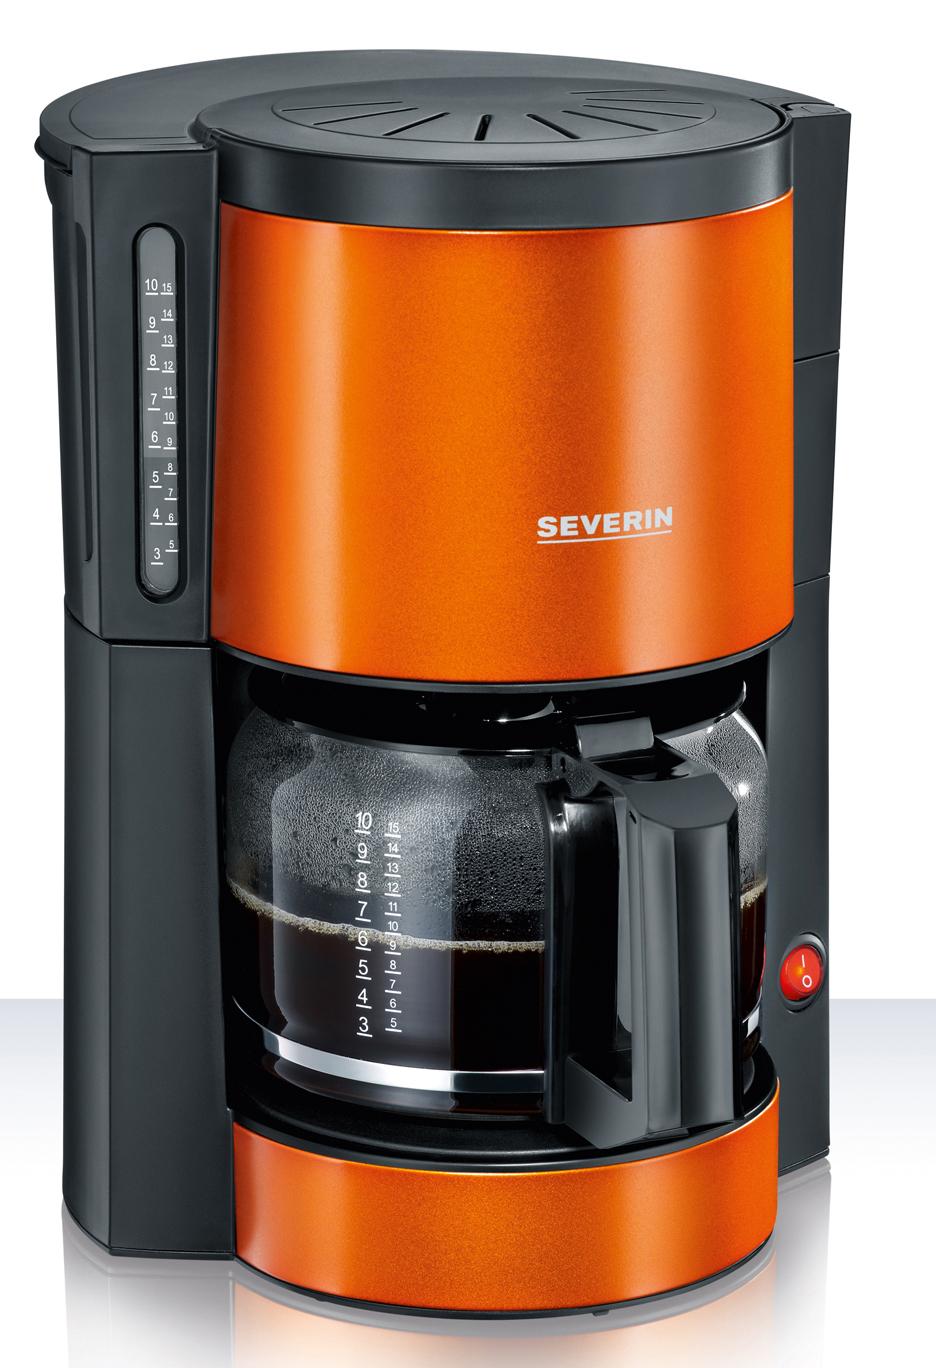 Severin Filterkaffeemaschine Edelstahl Limited Colour Edition in 3 ...